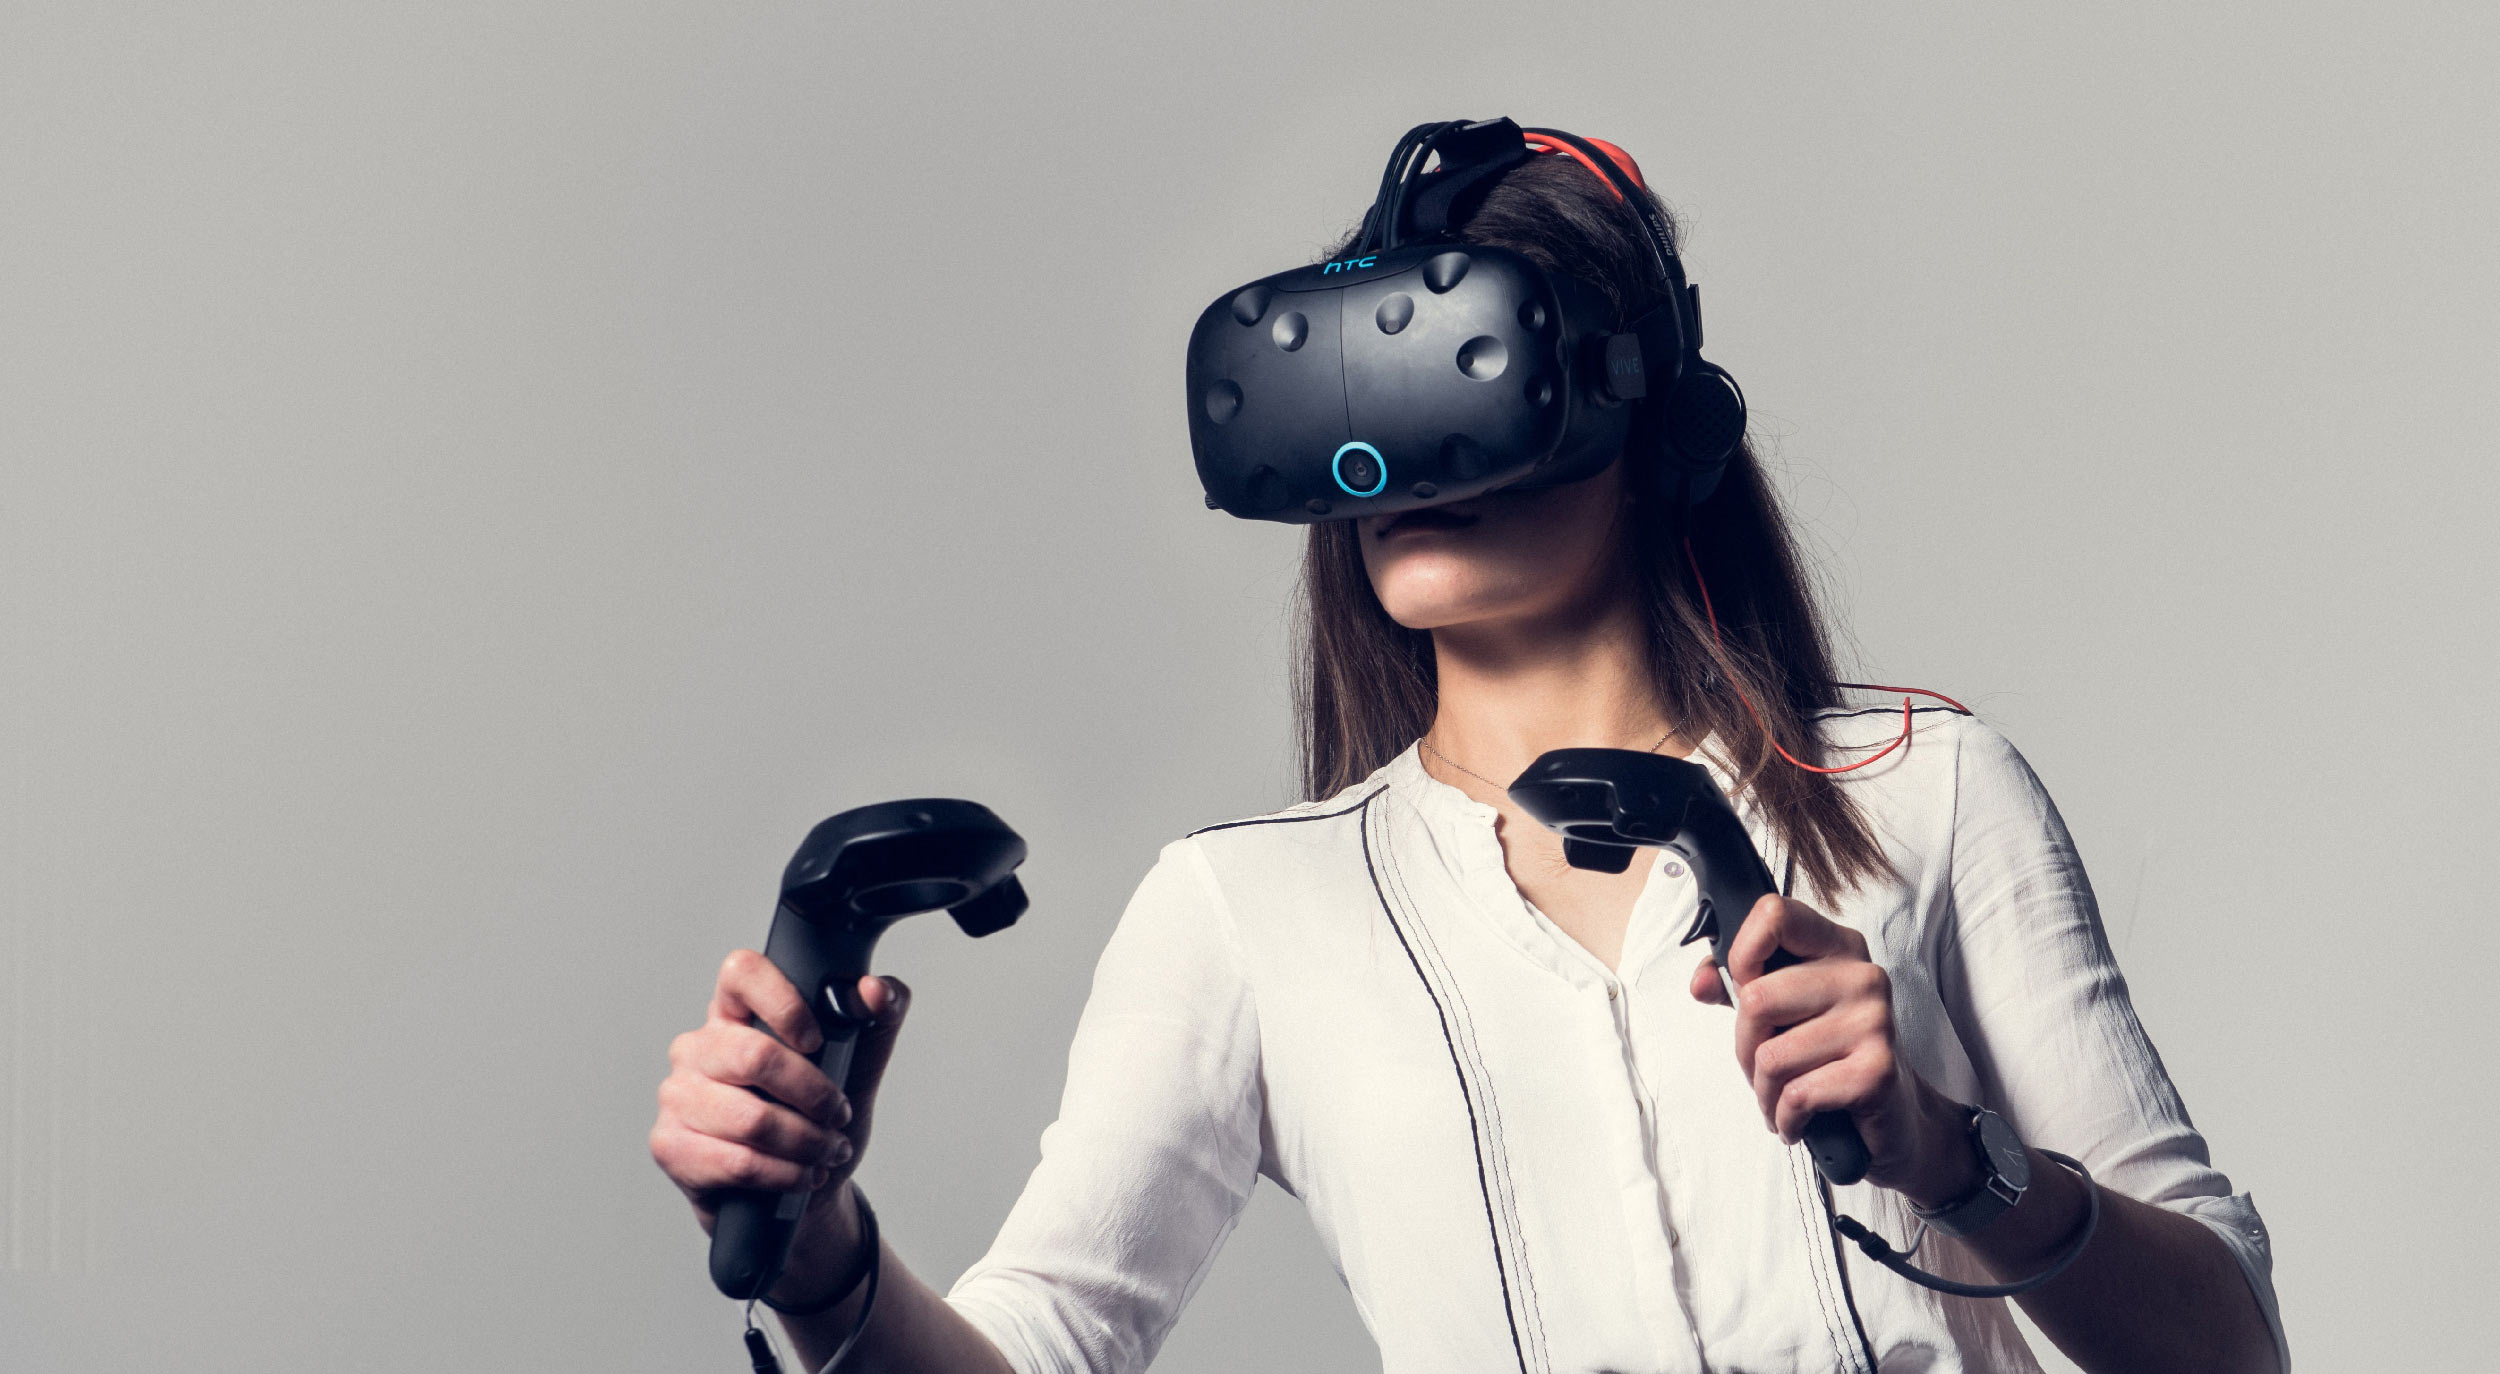 réalité-virtuelle-paris-mindout